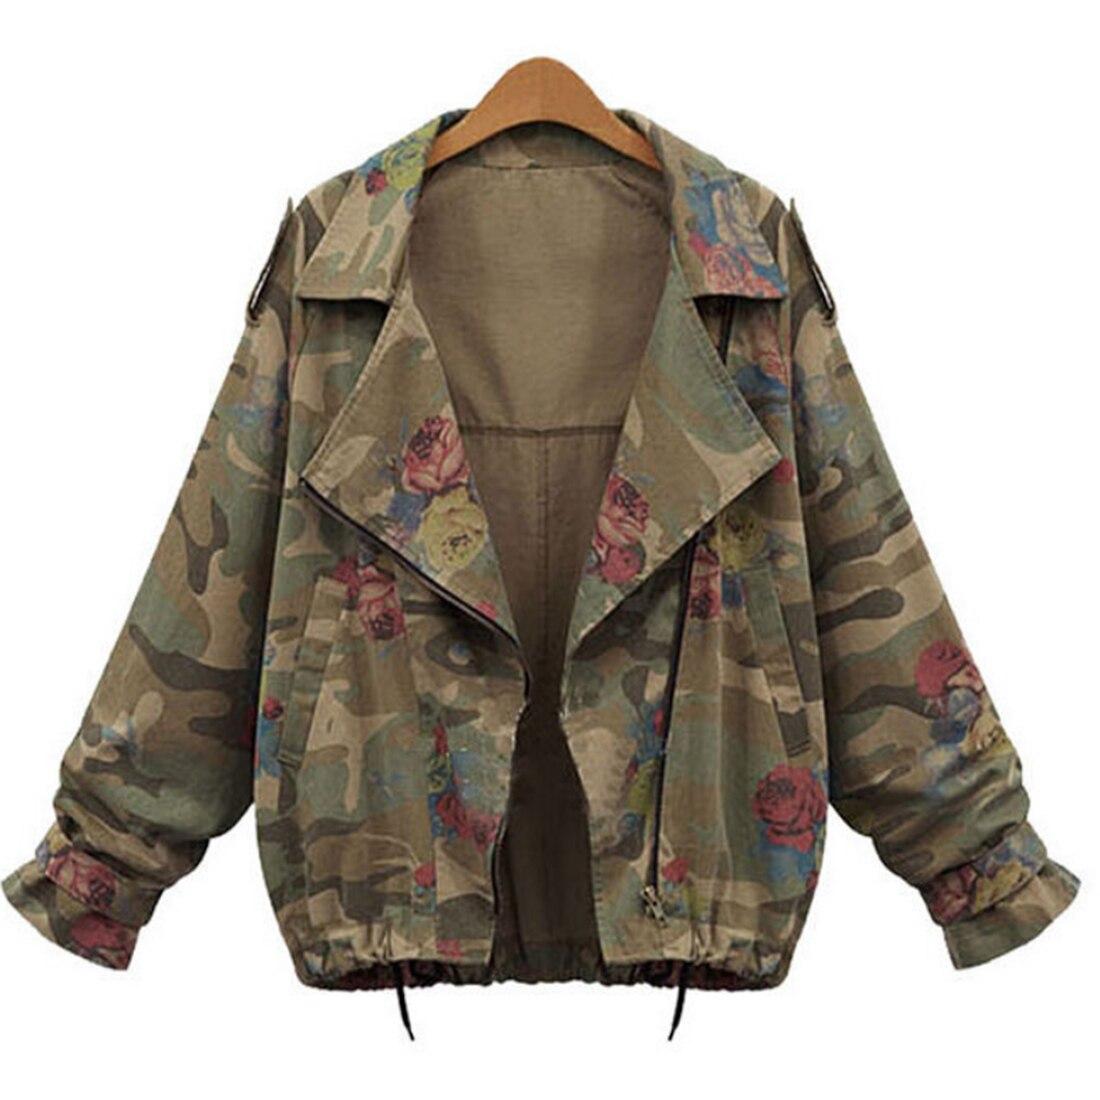 Floral Embroidery Bomber   Jacket   Women Harajuku Pilot   Jacket   2018 Casual   Basic     Jackets   Coat Camouflage Slim Floral   Jacket